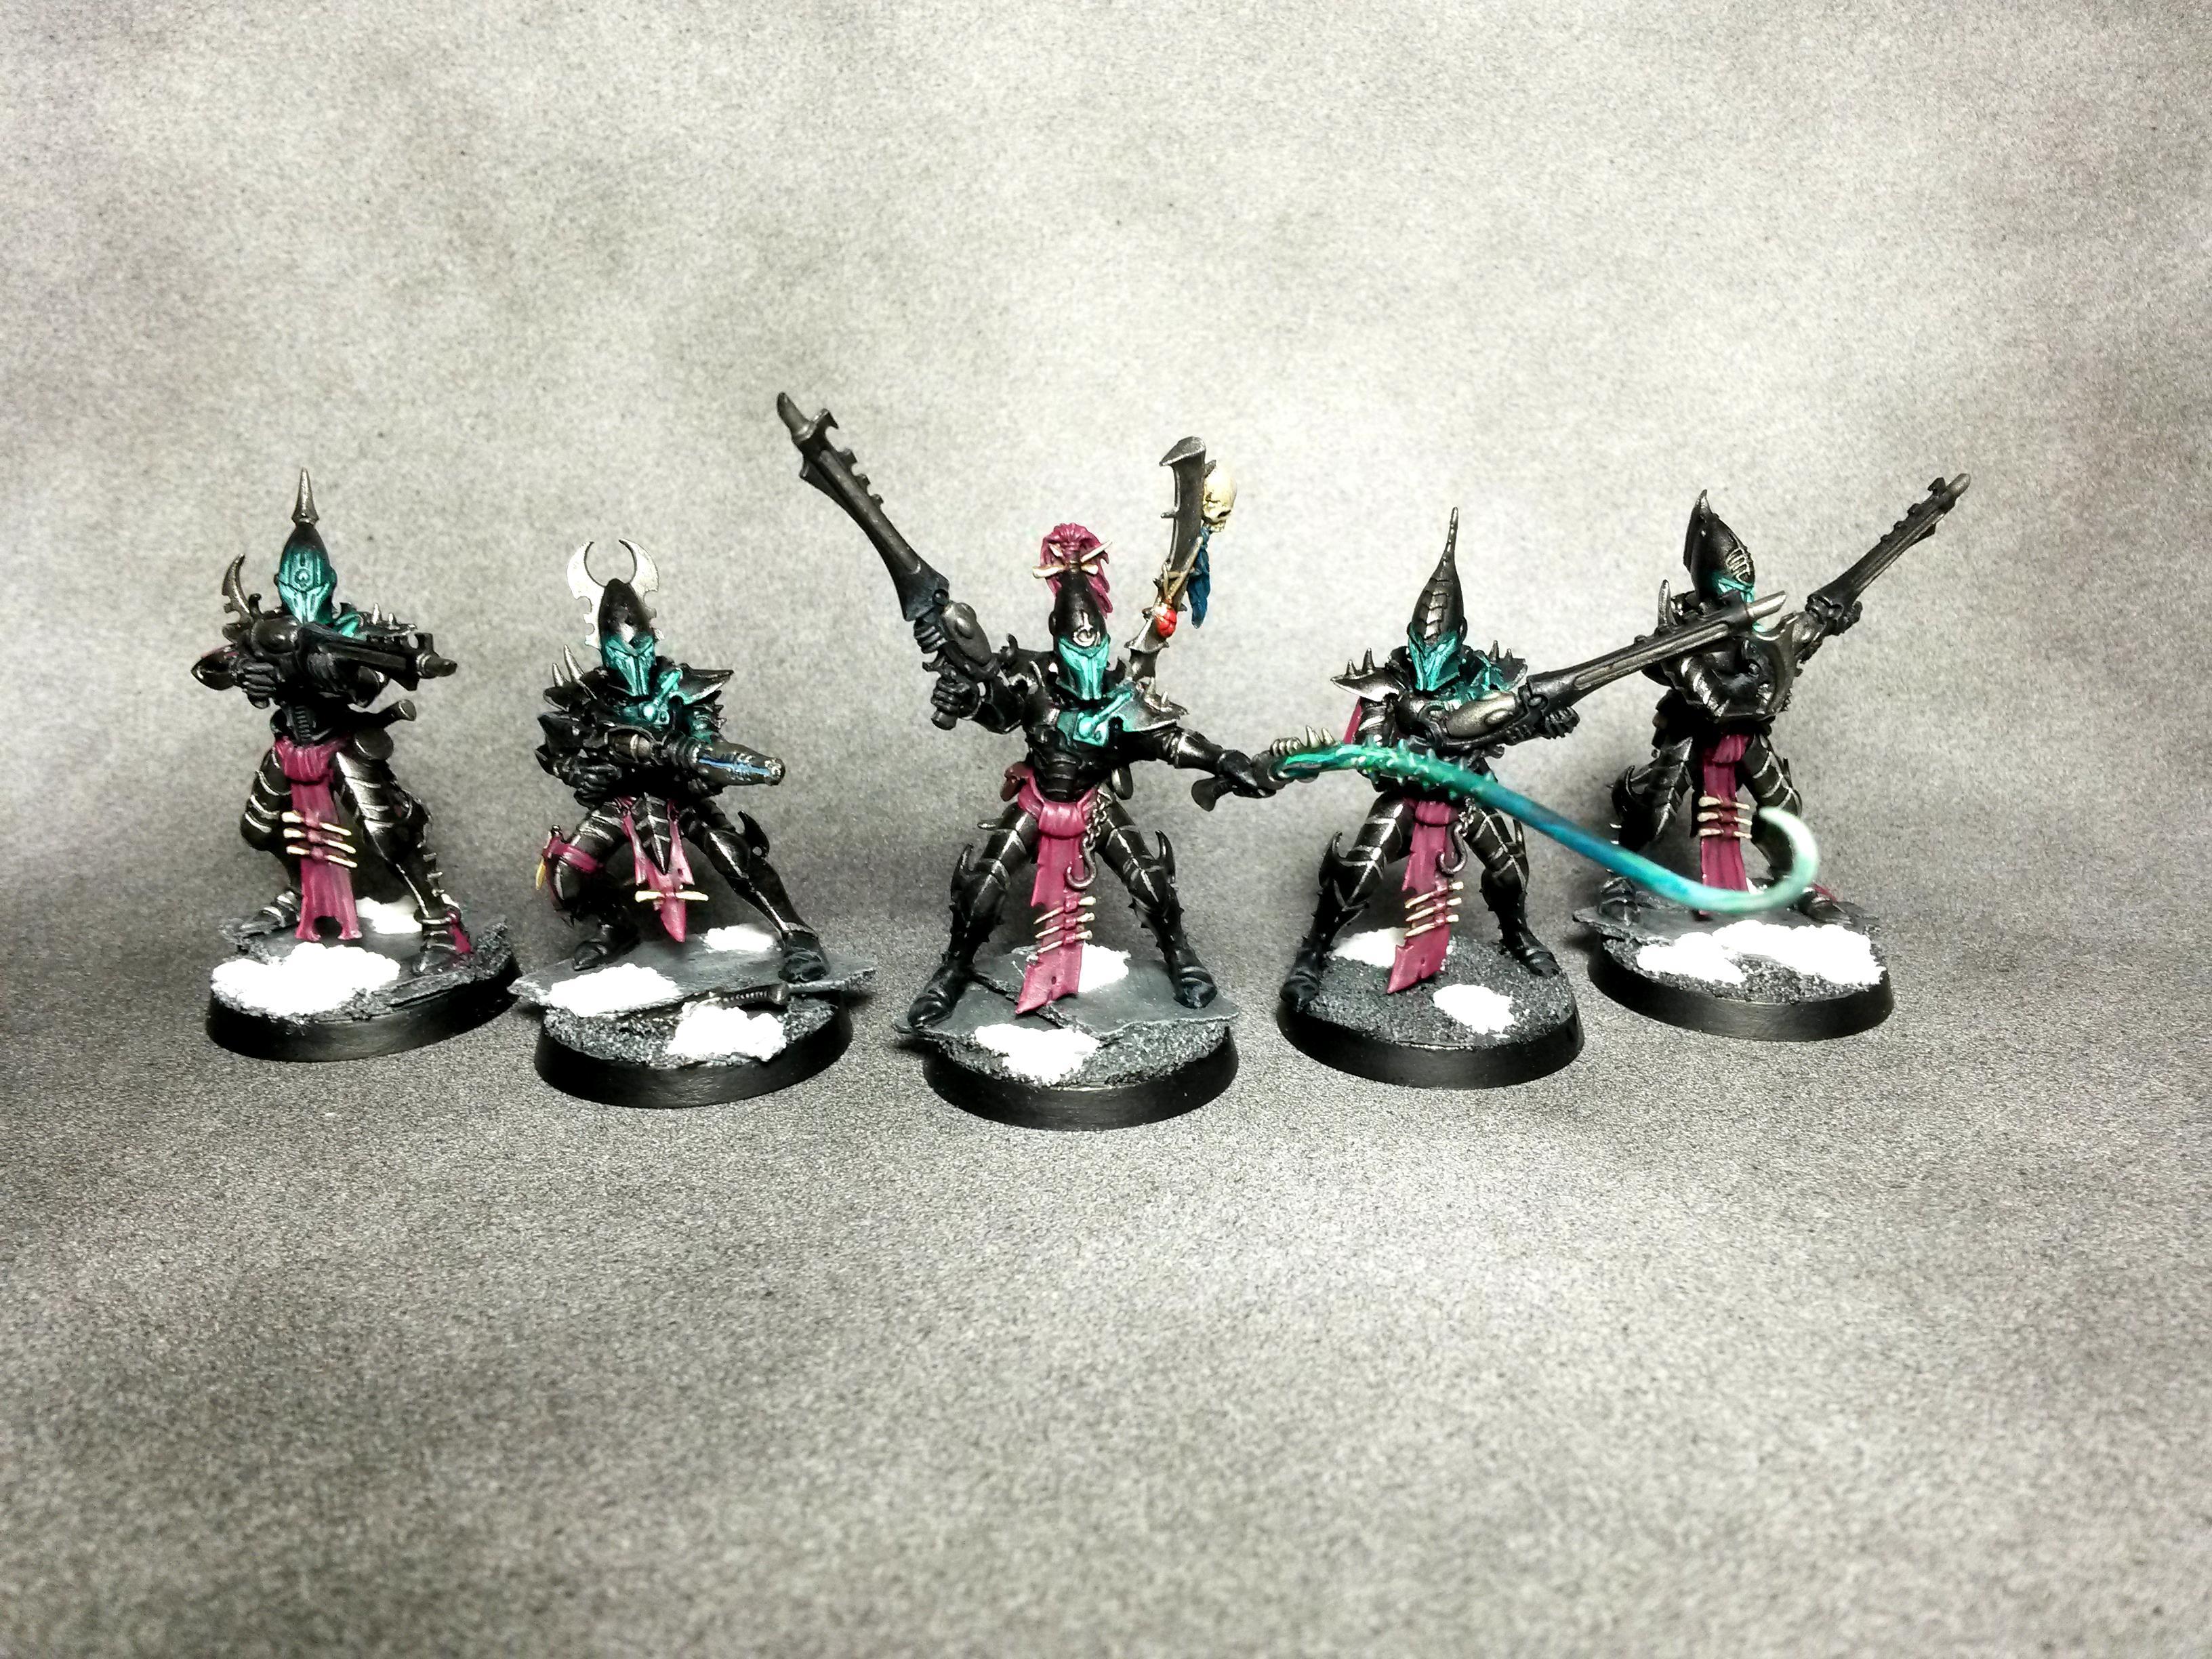 Dark Eldar, Kabalite, Warhammer 40,000